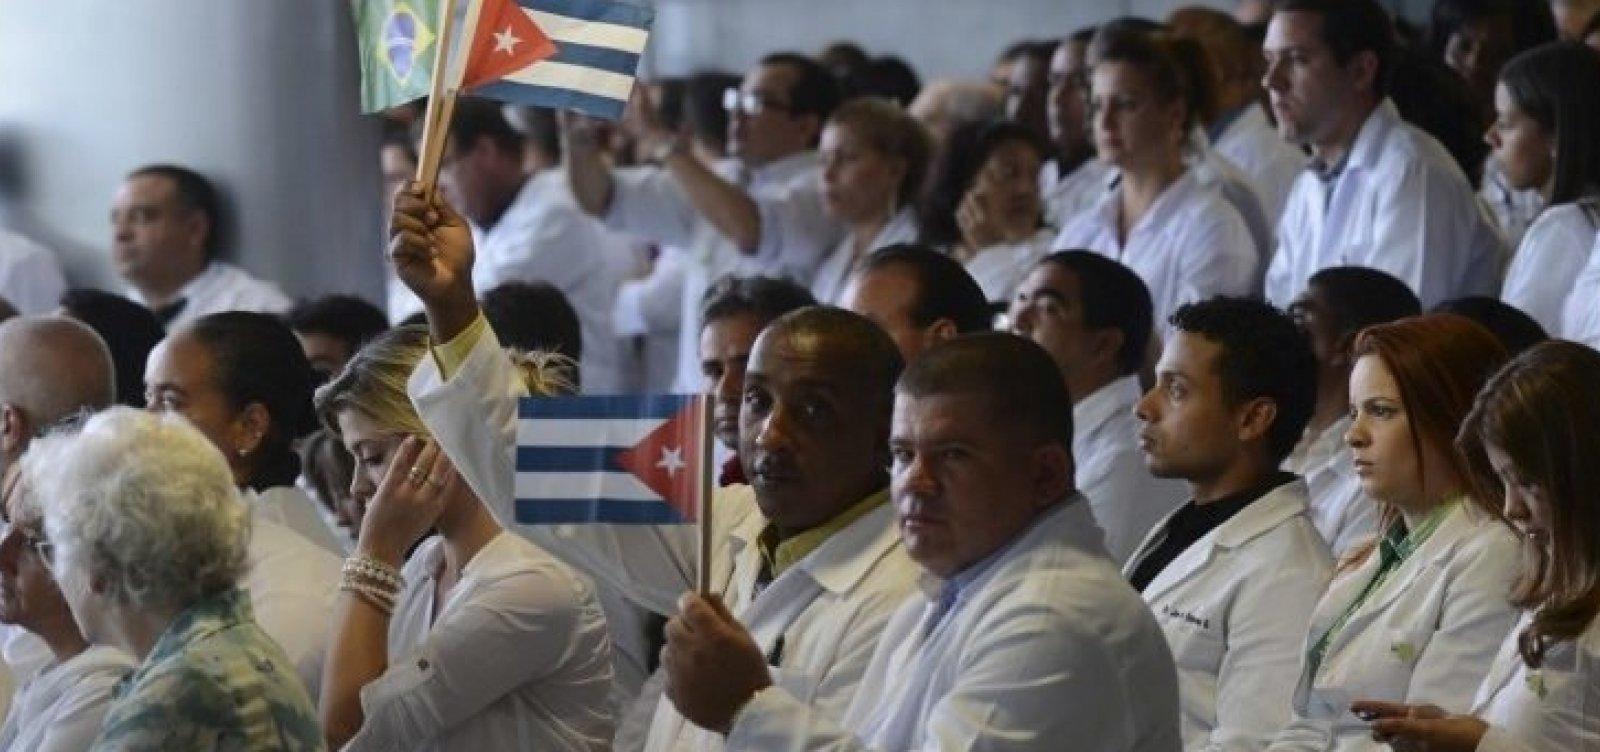 [Ministério da Saúde anuncia seleção de Médicos brasileiros para substituir cubanos]